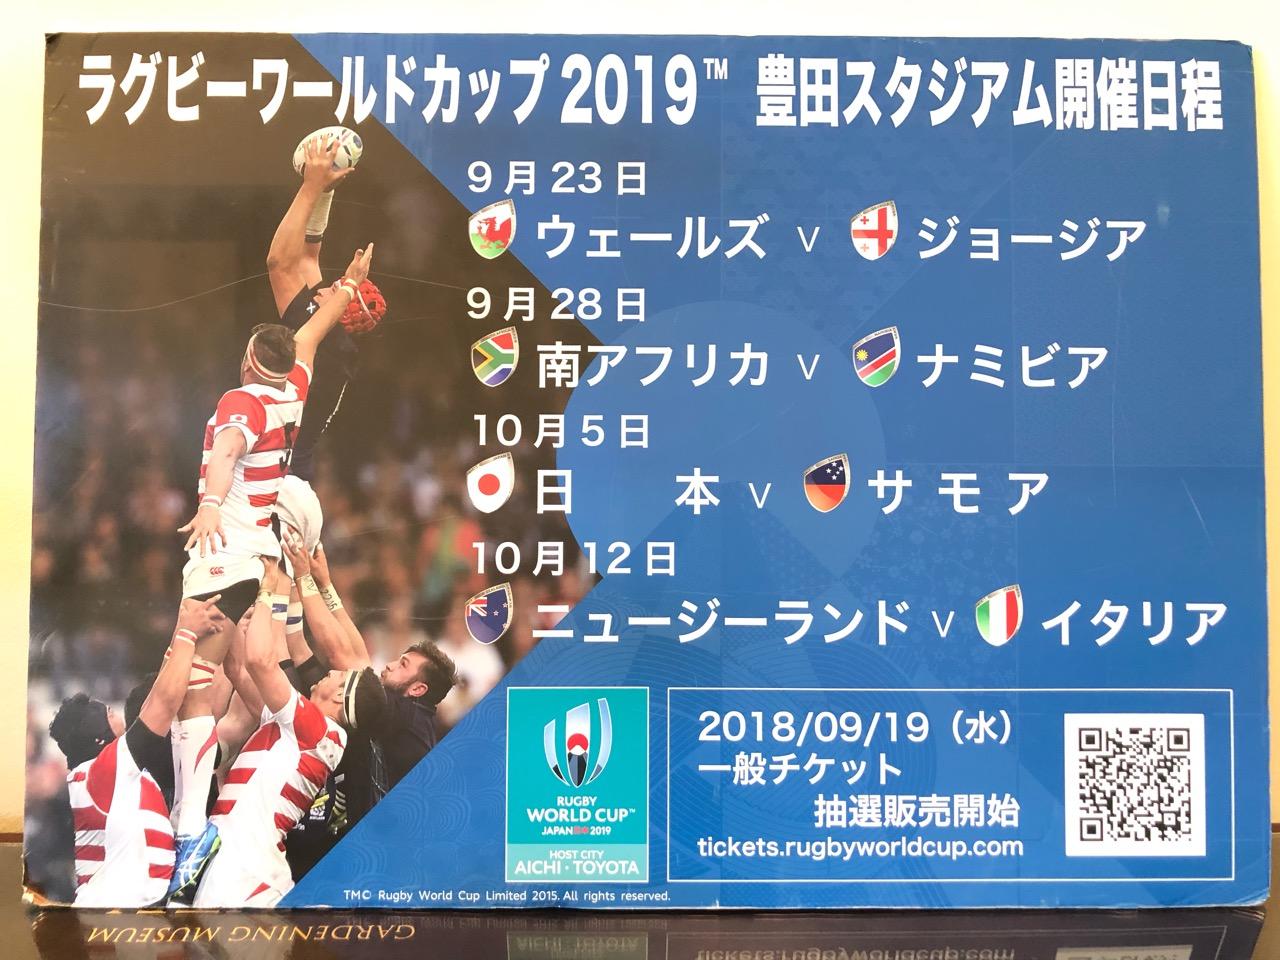 2019年豊田スタジアムでのラグビー試合